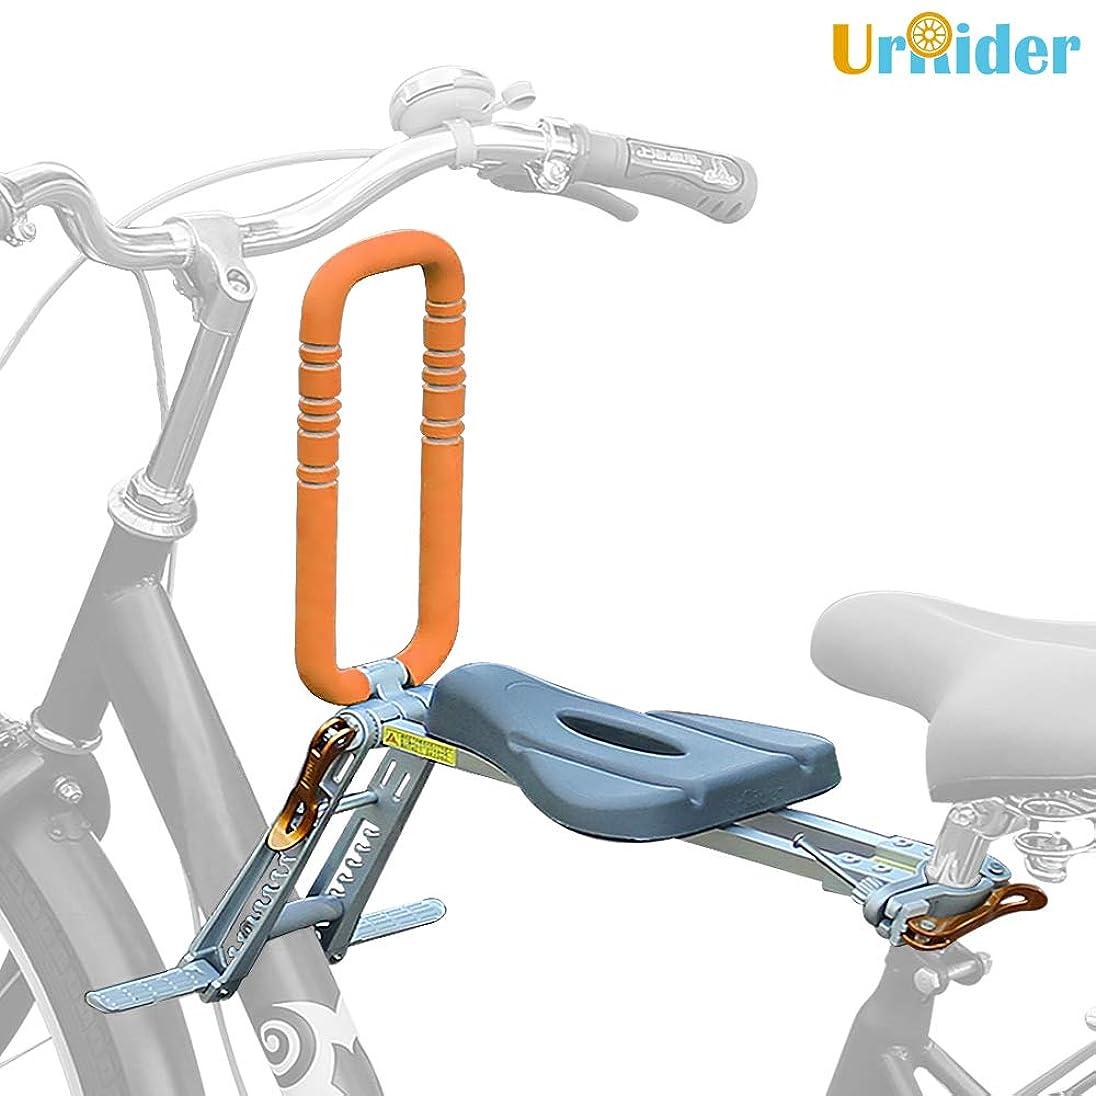 まっすぐにするアストロラーベ貸し手UrRiderは航空アルミ合金で作ったから、軽く持ち易い自転車用の子 供シートである。シティー?ファミリーサイクルや、折りたたみ自転車や、小径車(ミニベロ)など適用可能。